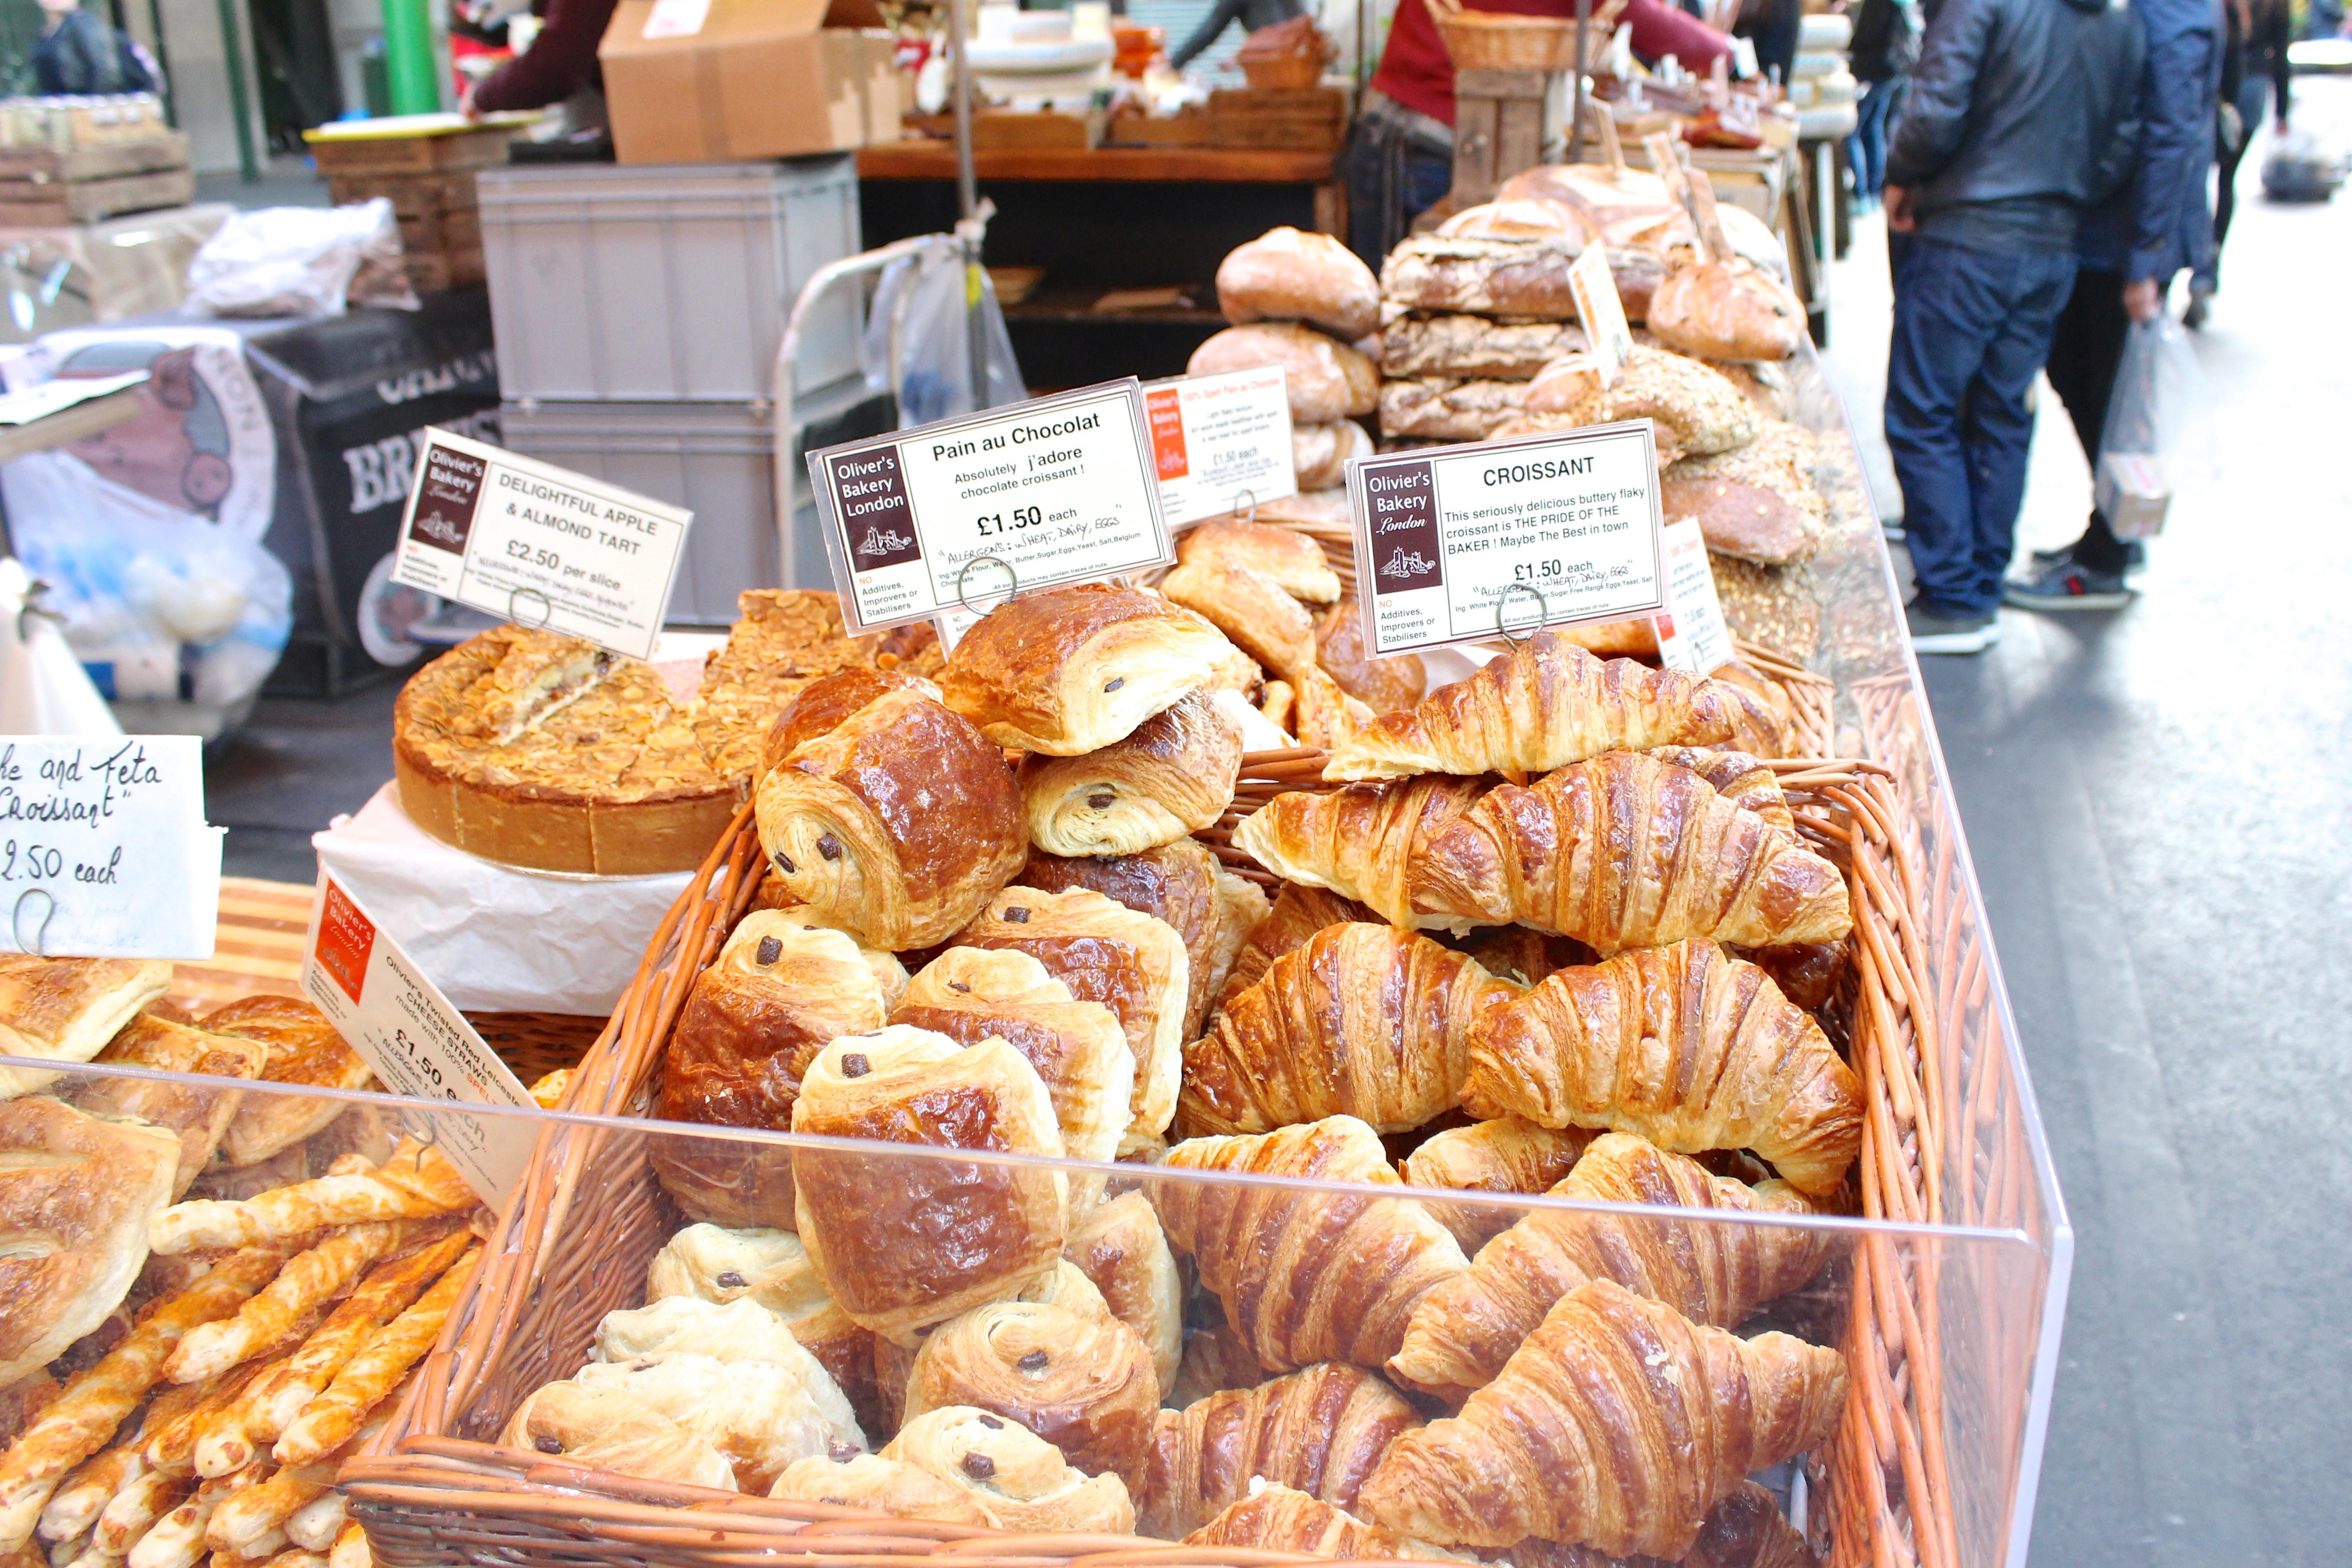 bm bread ahead